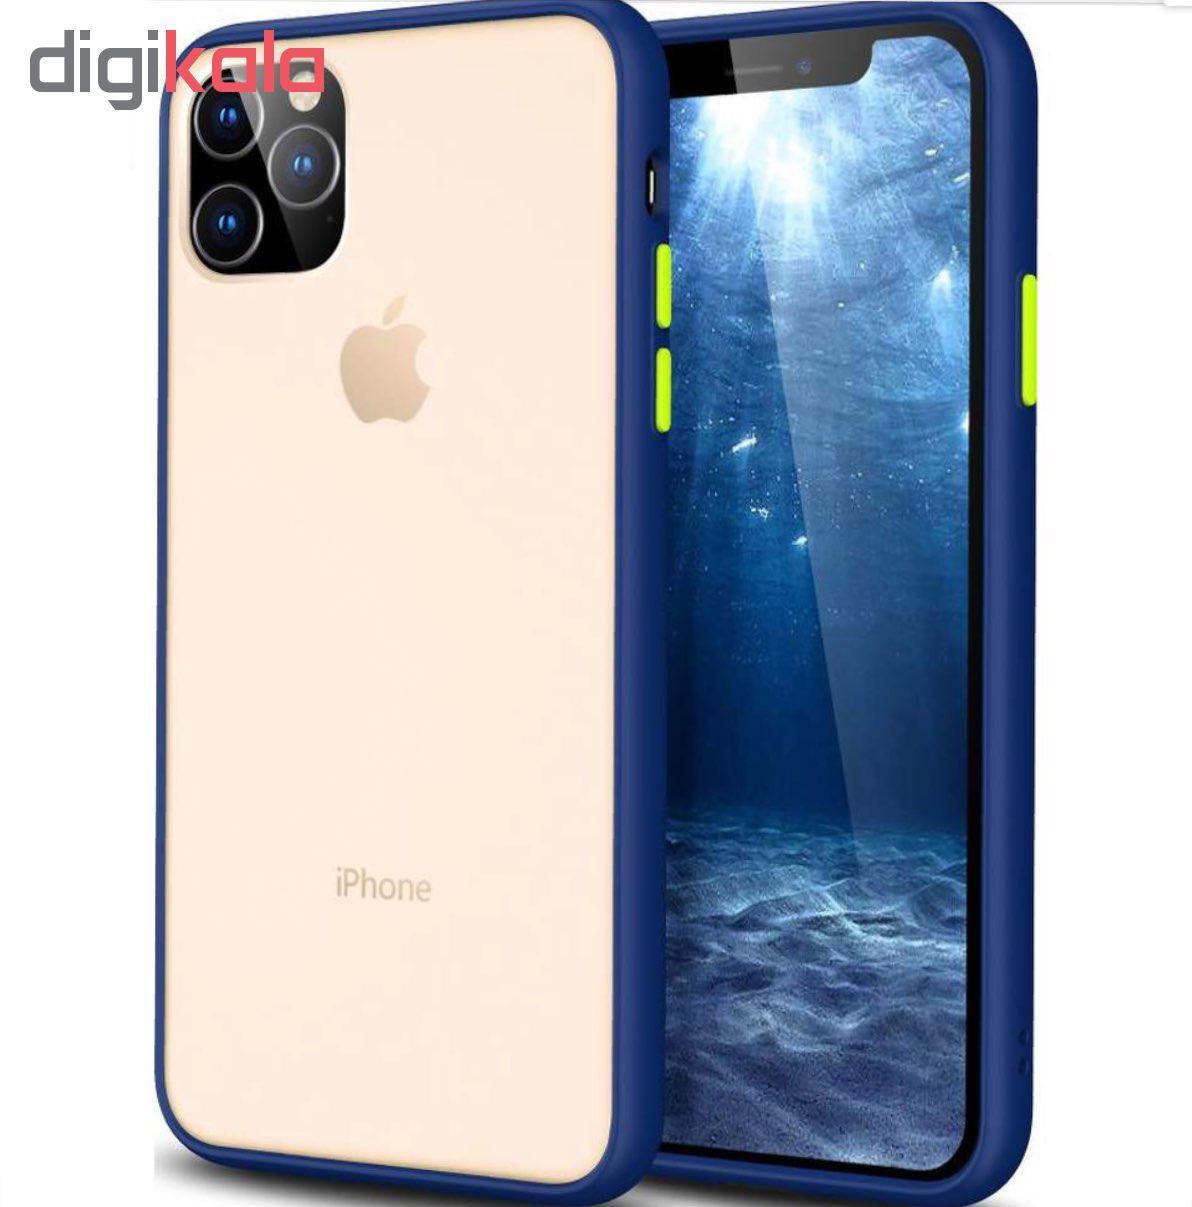 کاور مدل nxcb مناسب برای گوشی موبایل اپل iphone 11 pro main 1 6